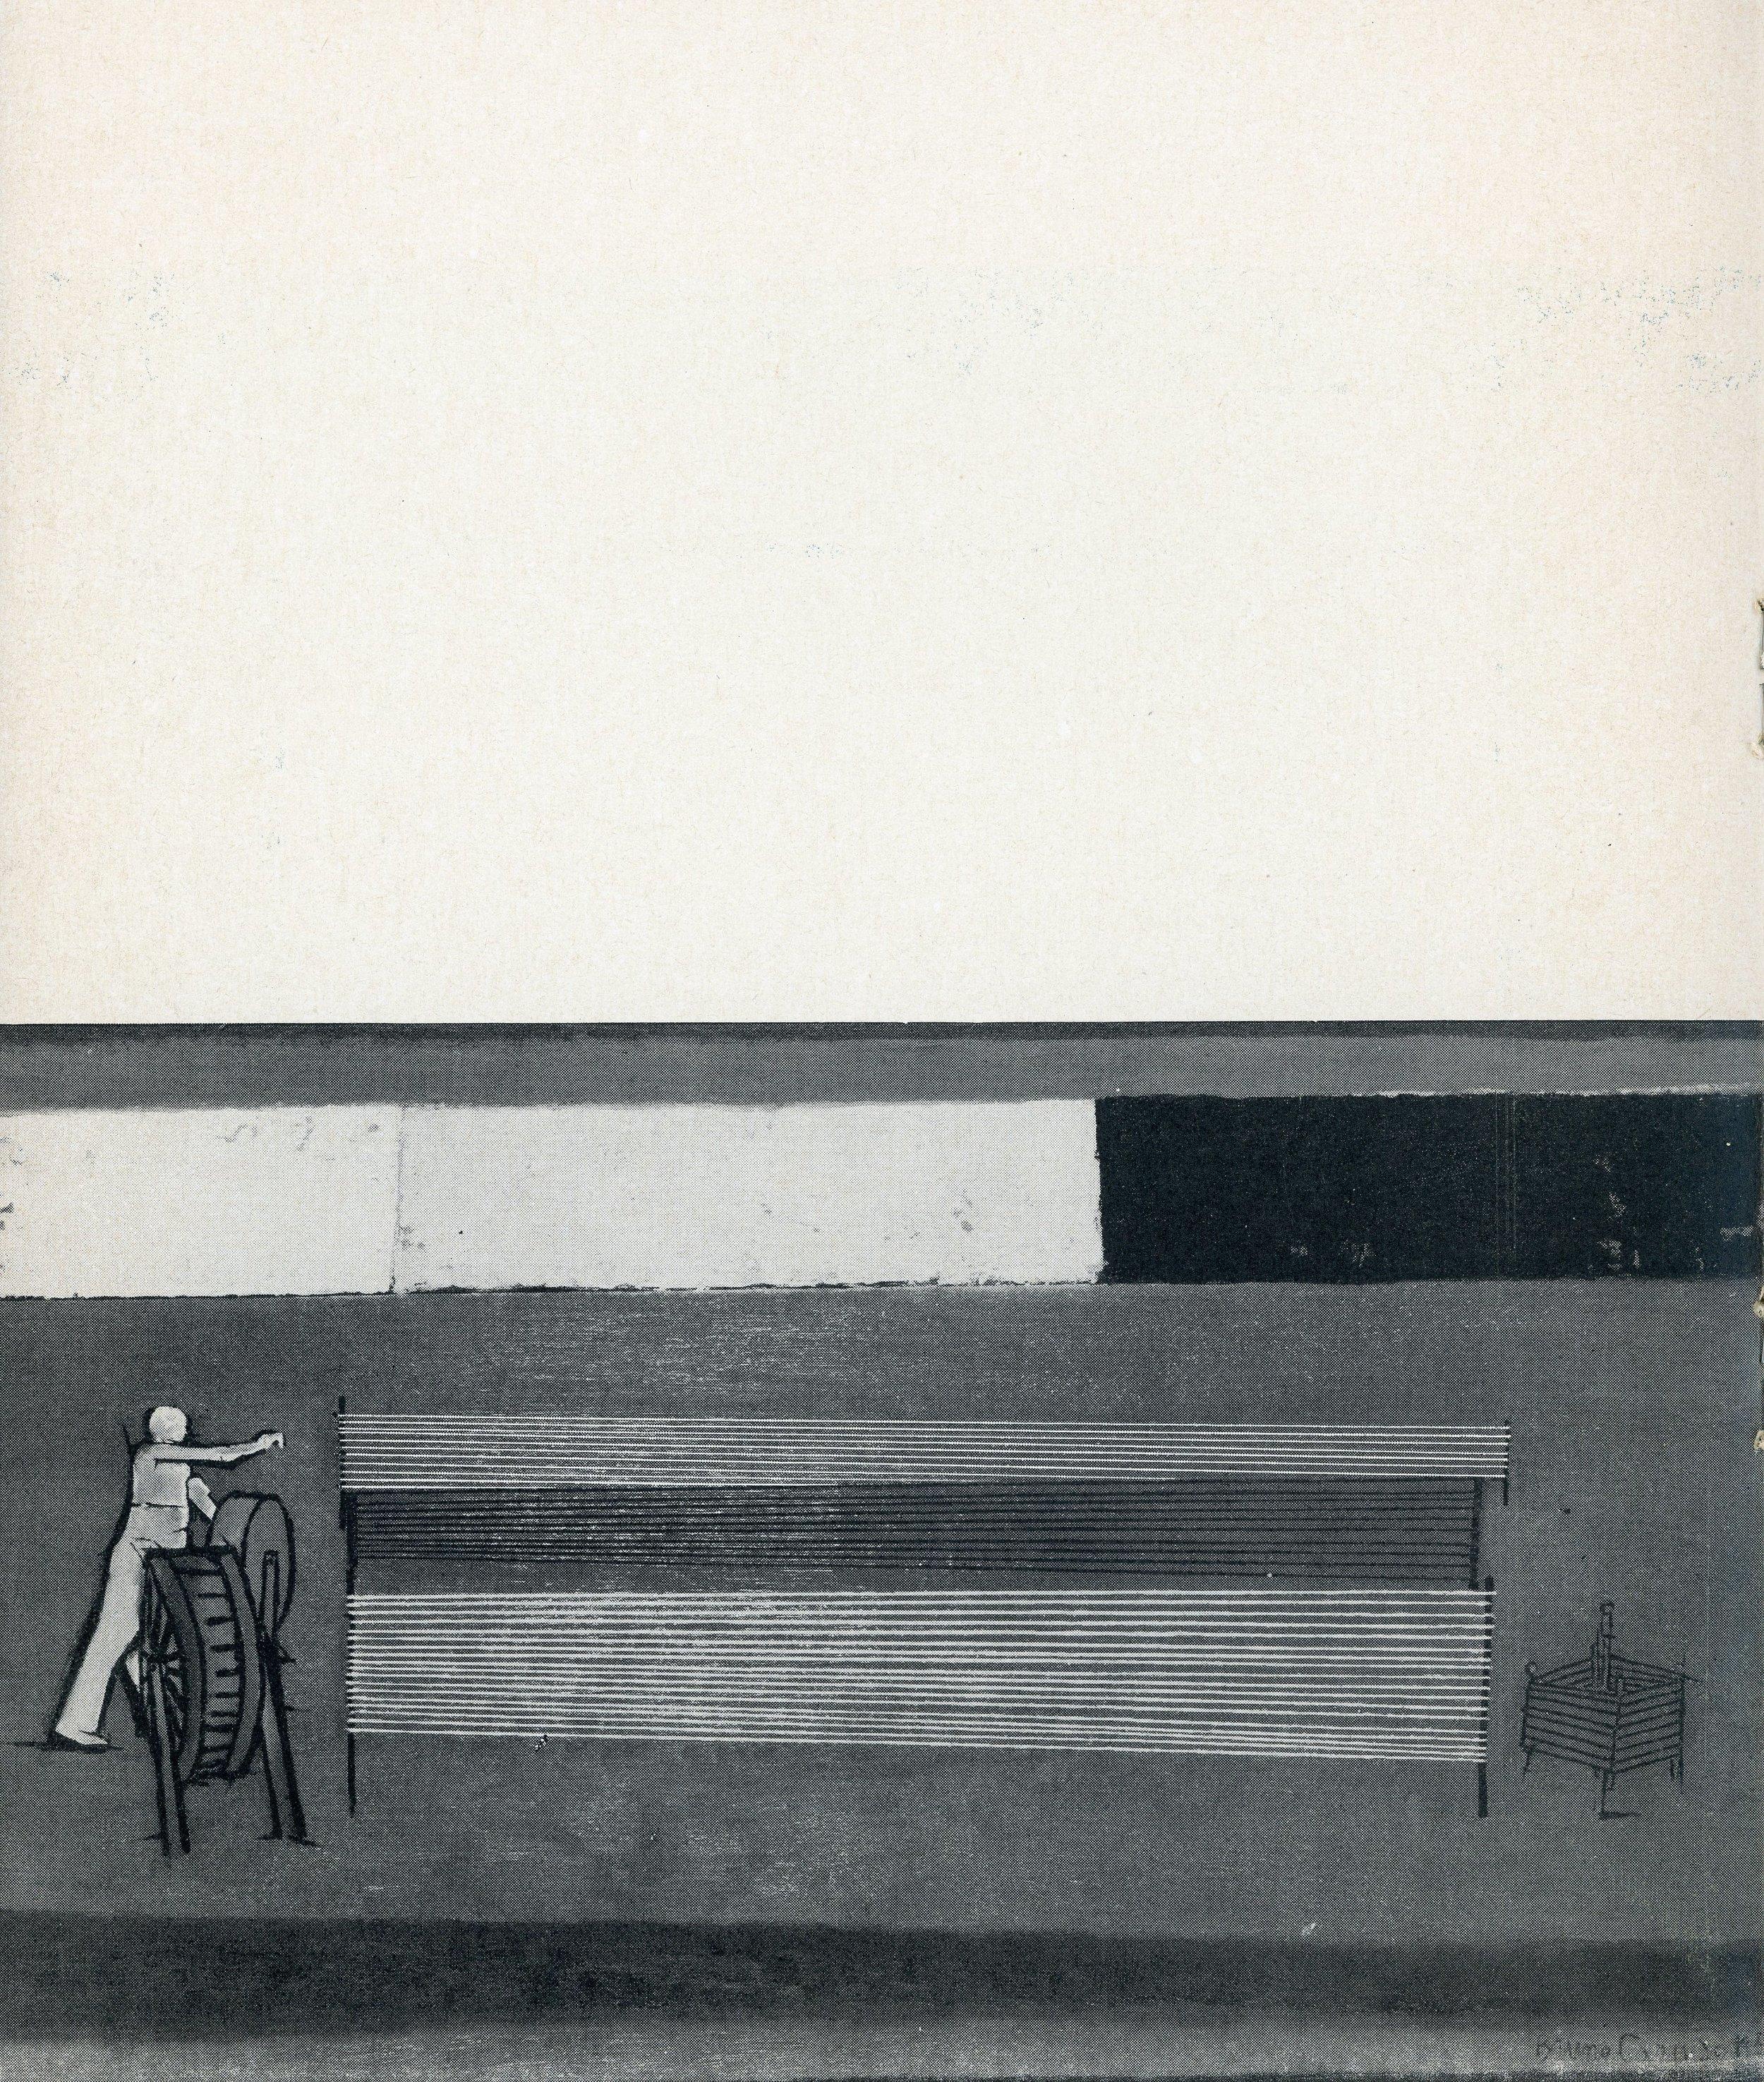 1959-06 Rive Gauche - Bruno Caruso_08.jpg